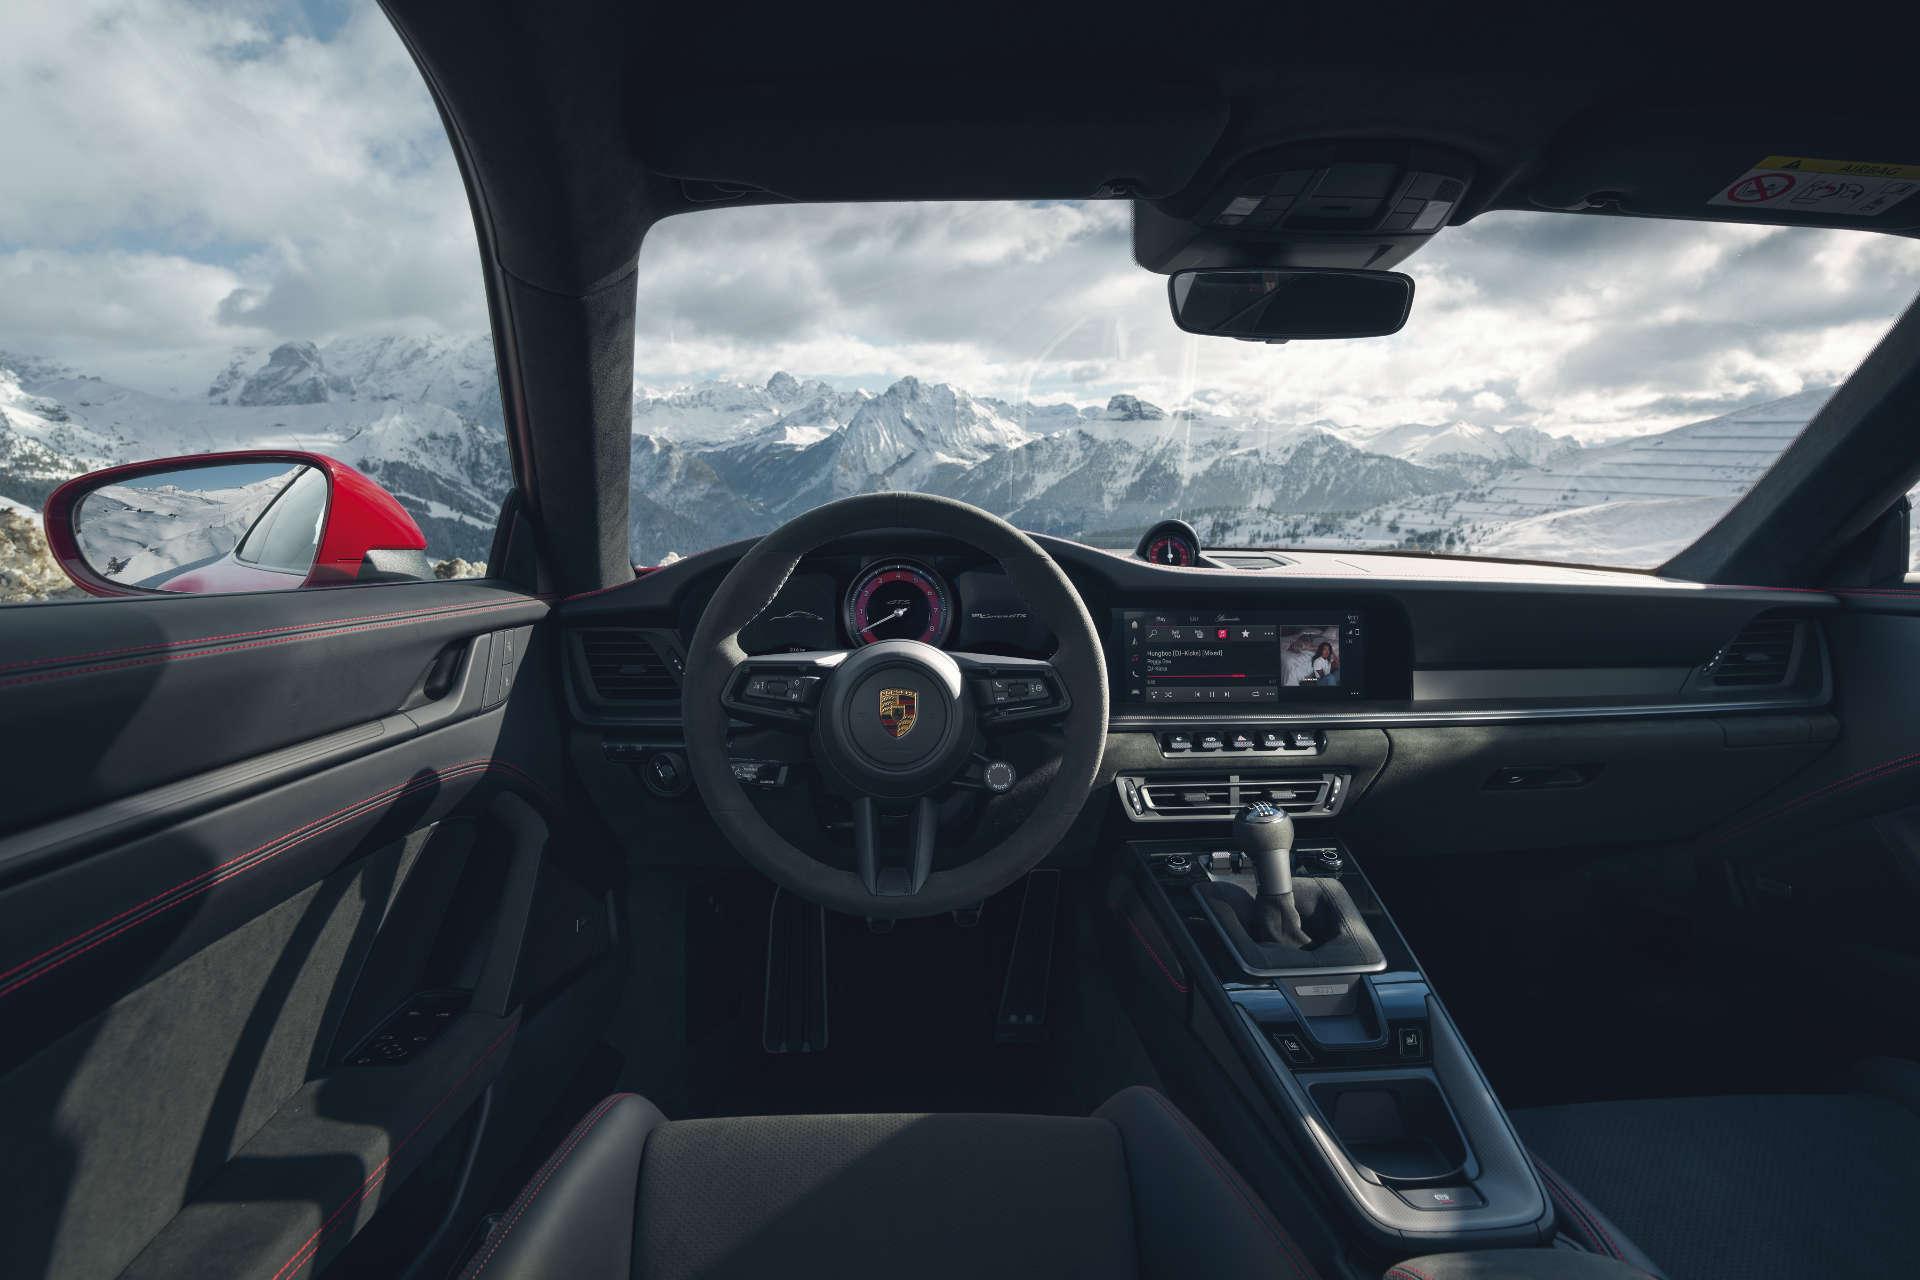 Porsche 911 GTS Interieur